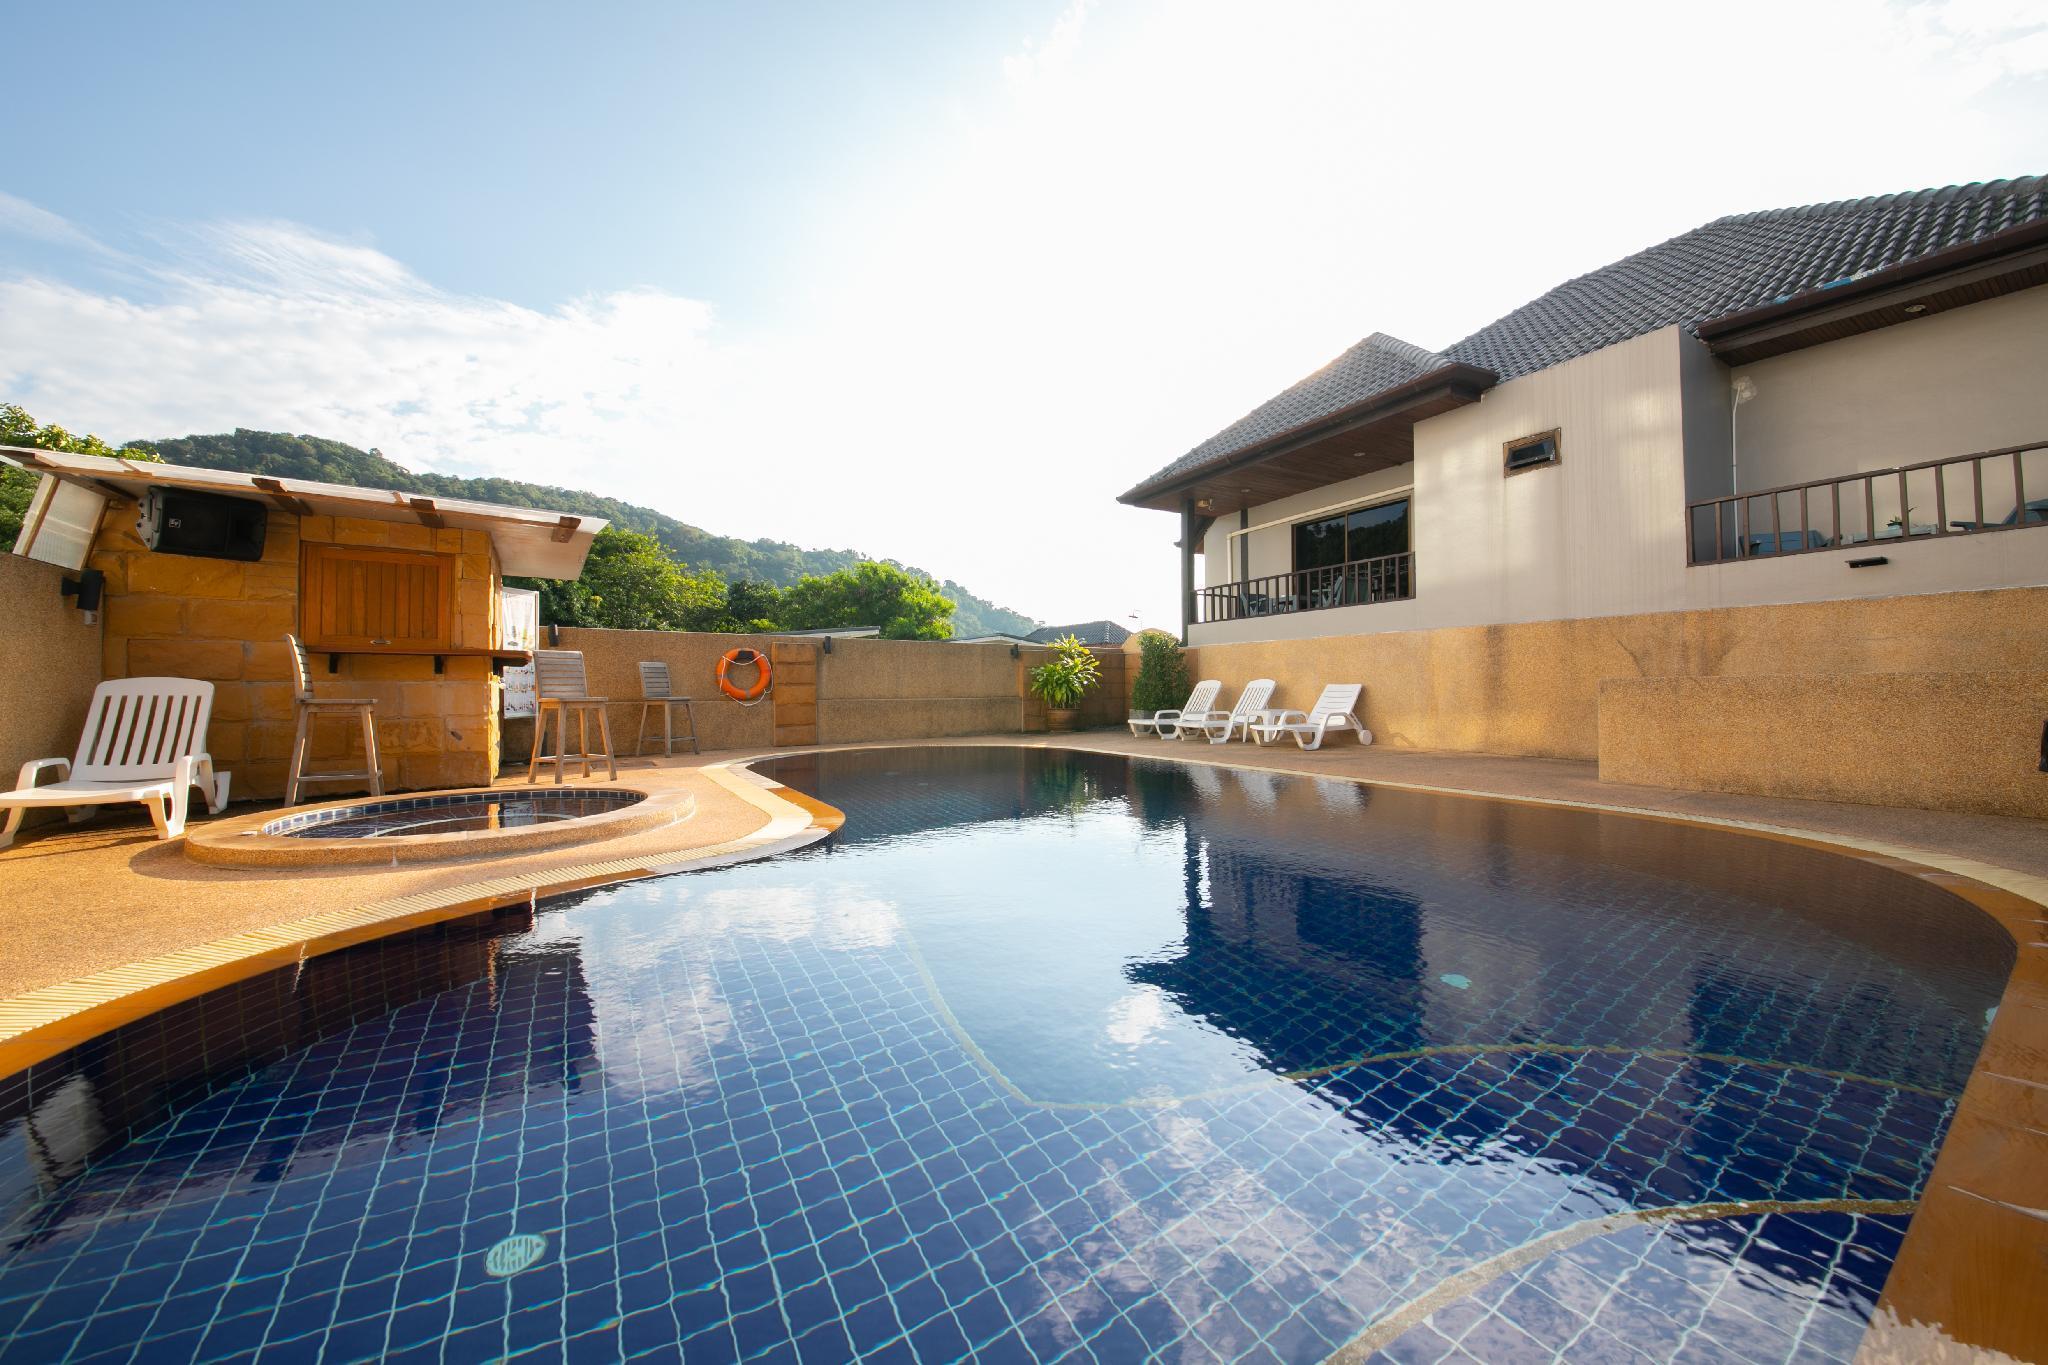 Kata Bella Resort